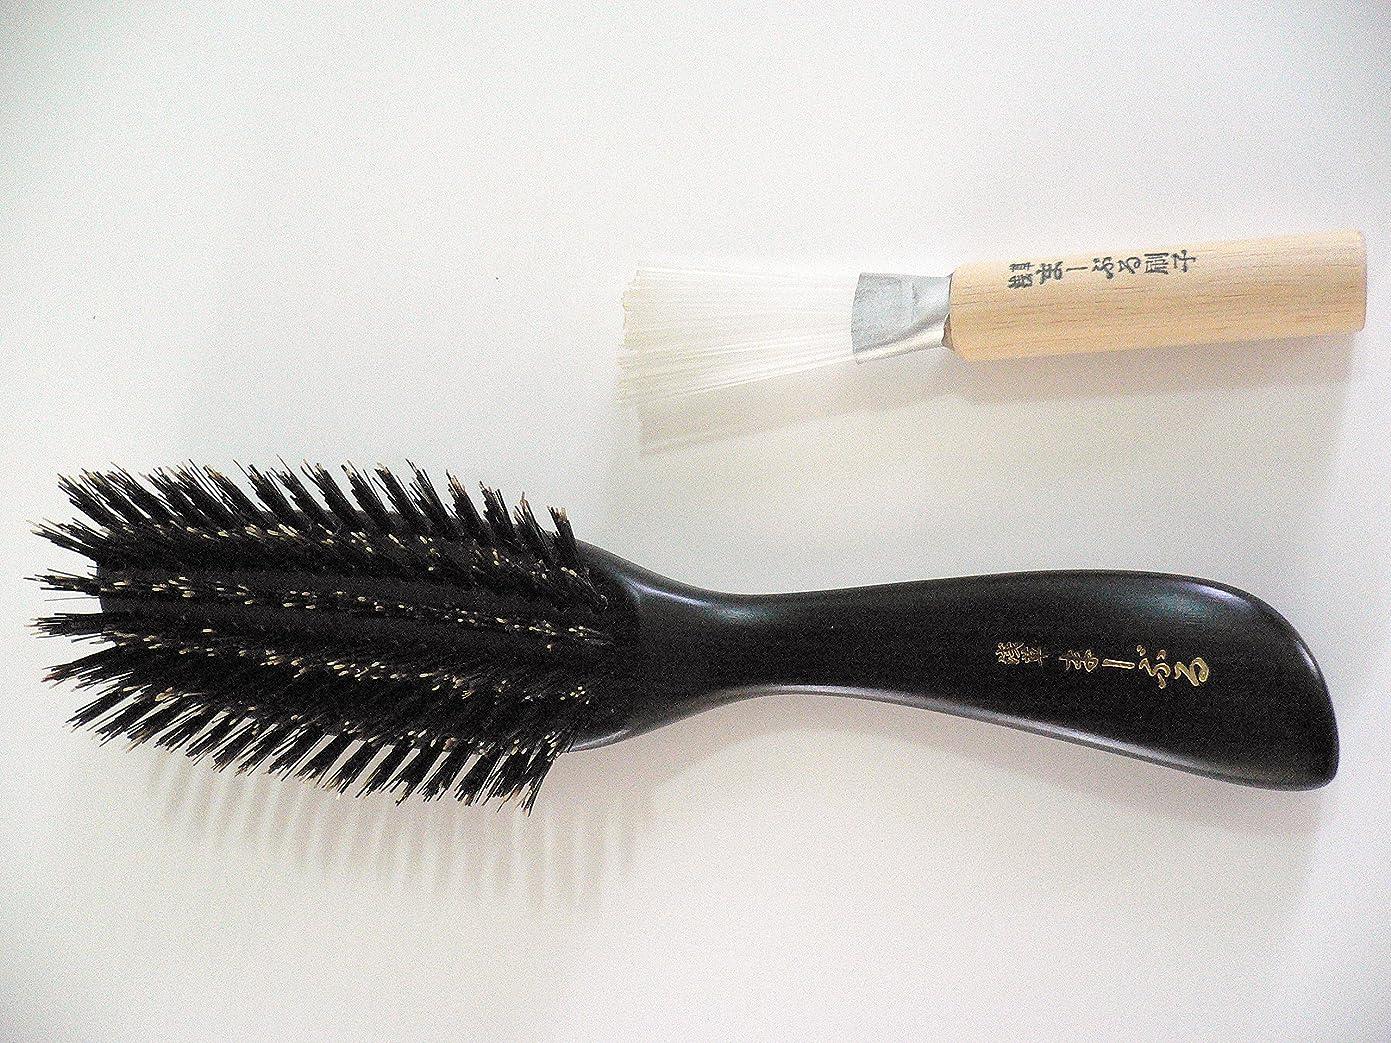 ビジネスパイルコイル東京下町?浅草で大正3年創業のブラシ職人が作った高級ヘアブラシ?ブラシクリーナー付き 【まーぶる刷子】髪の毛艶やかに。